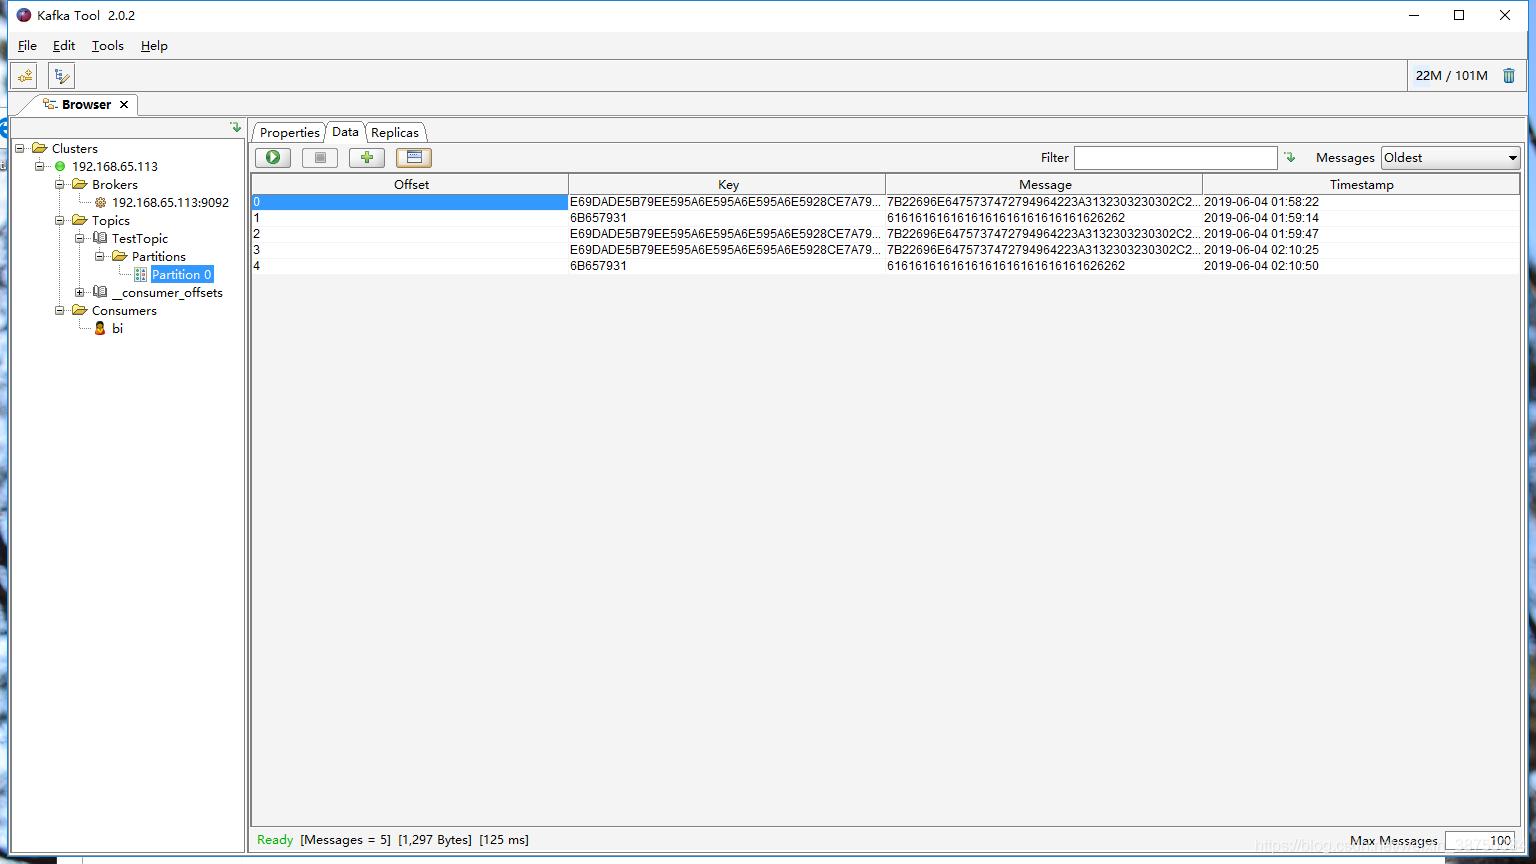 docker:安装kafka单机版 - 代码天地